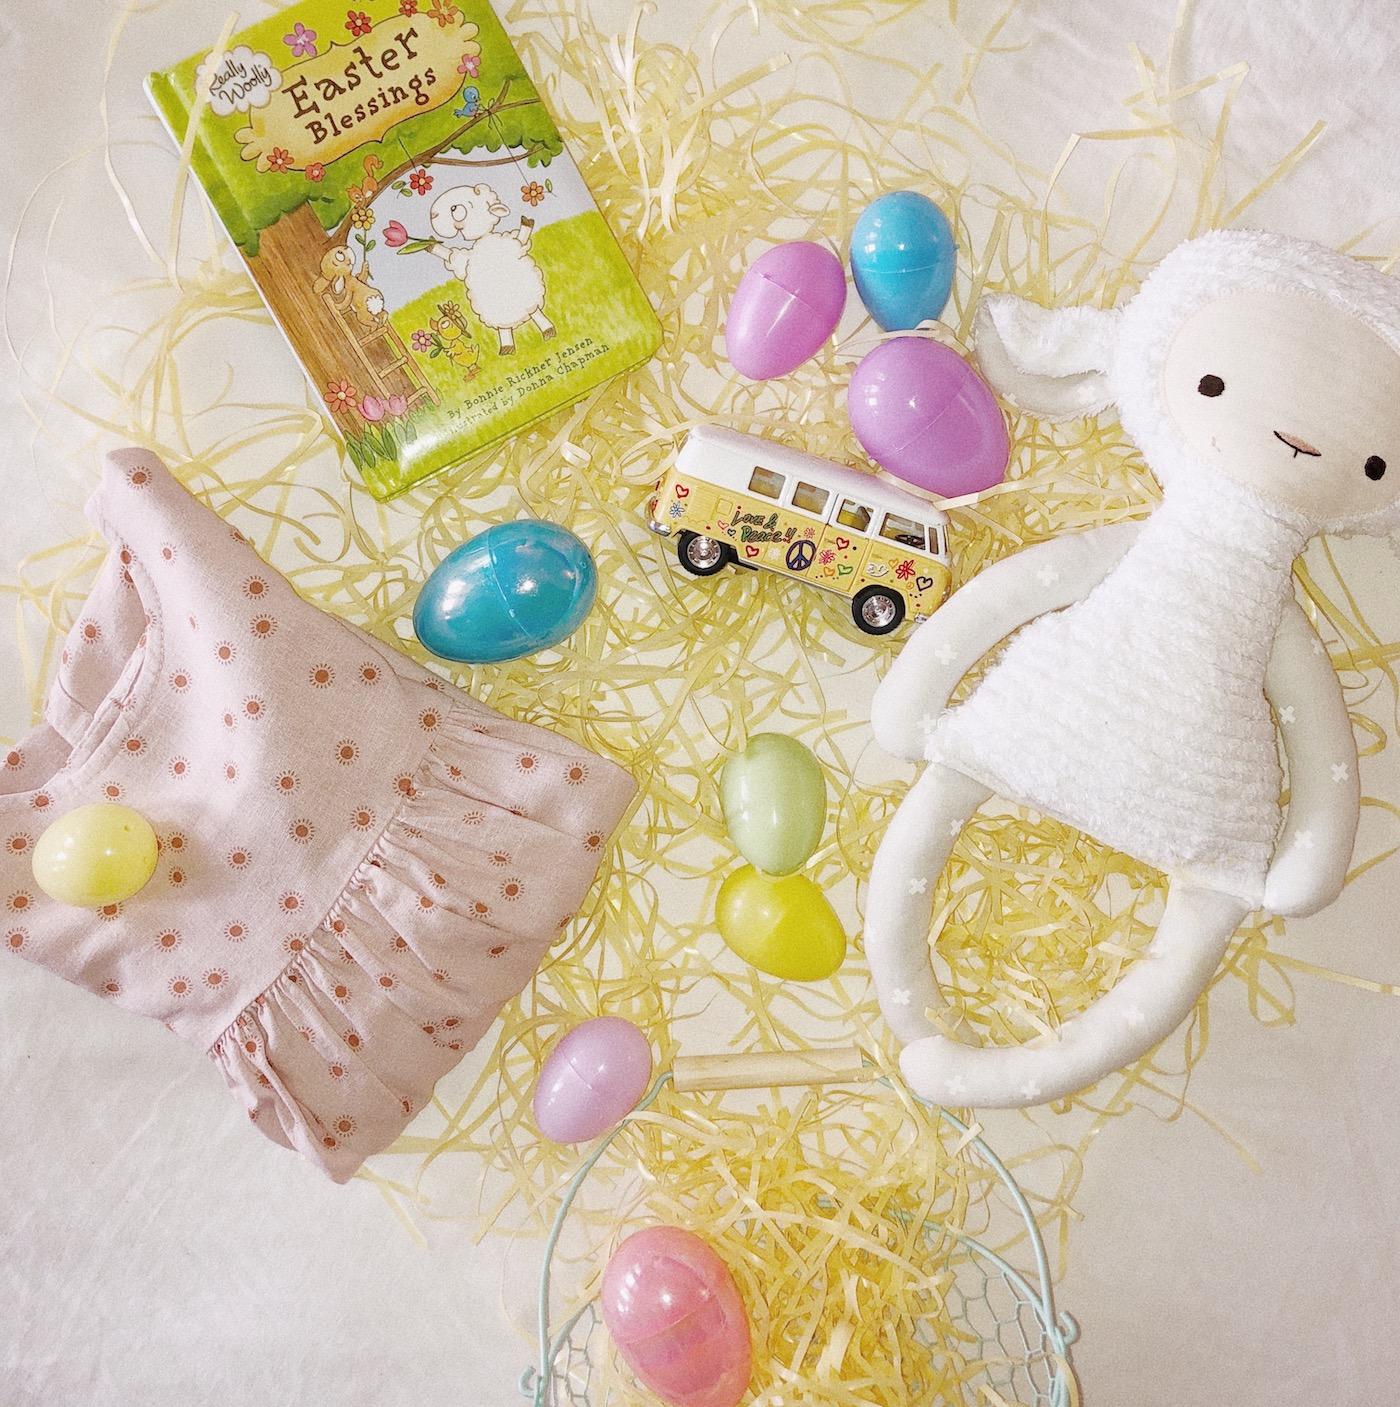 Toddler and preschooler Easter Basket finds